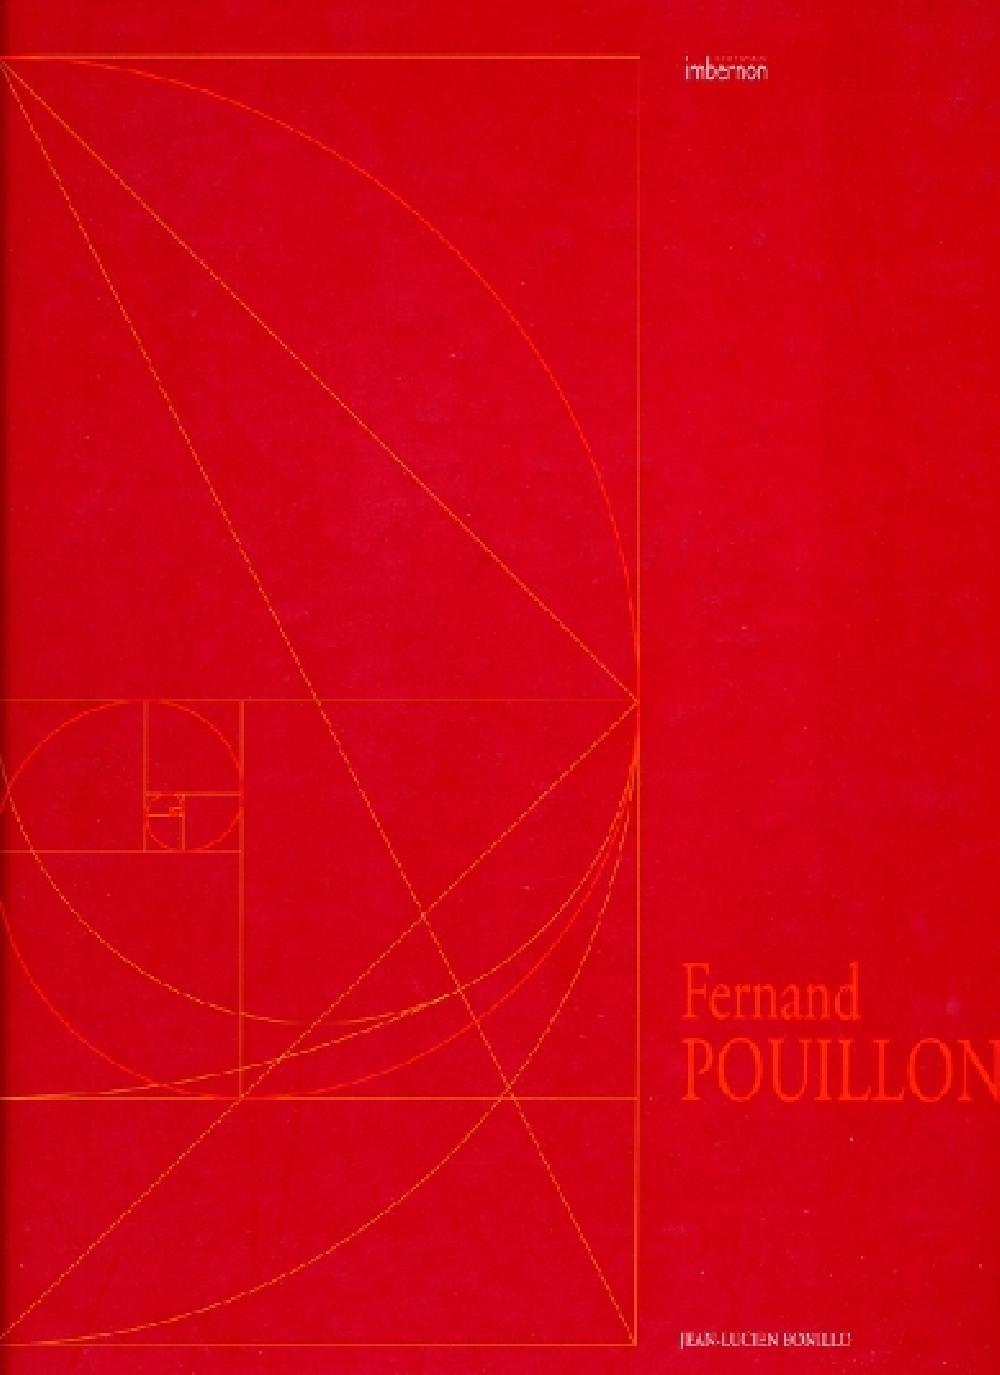 Fernand Pouillon, architecte méditerranéen